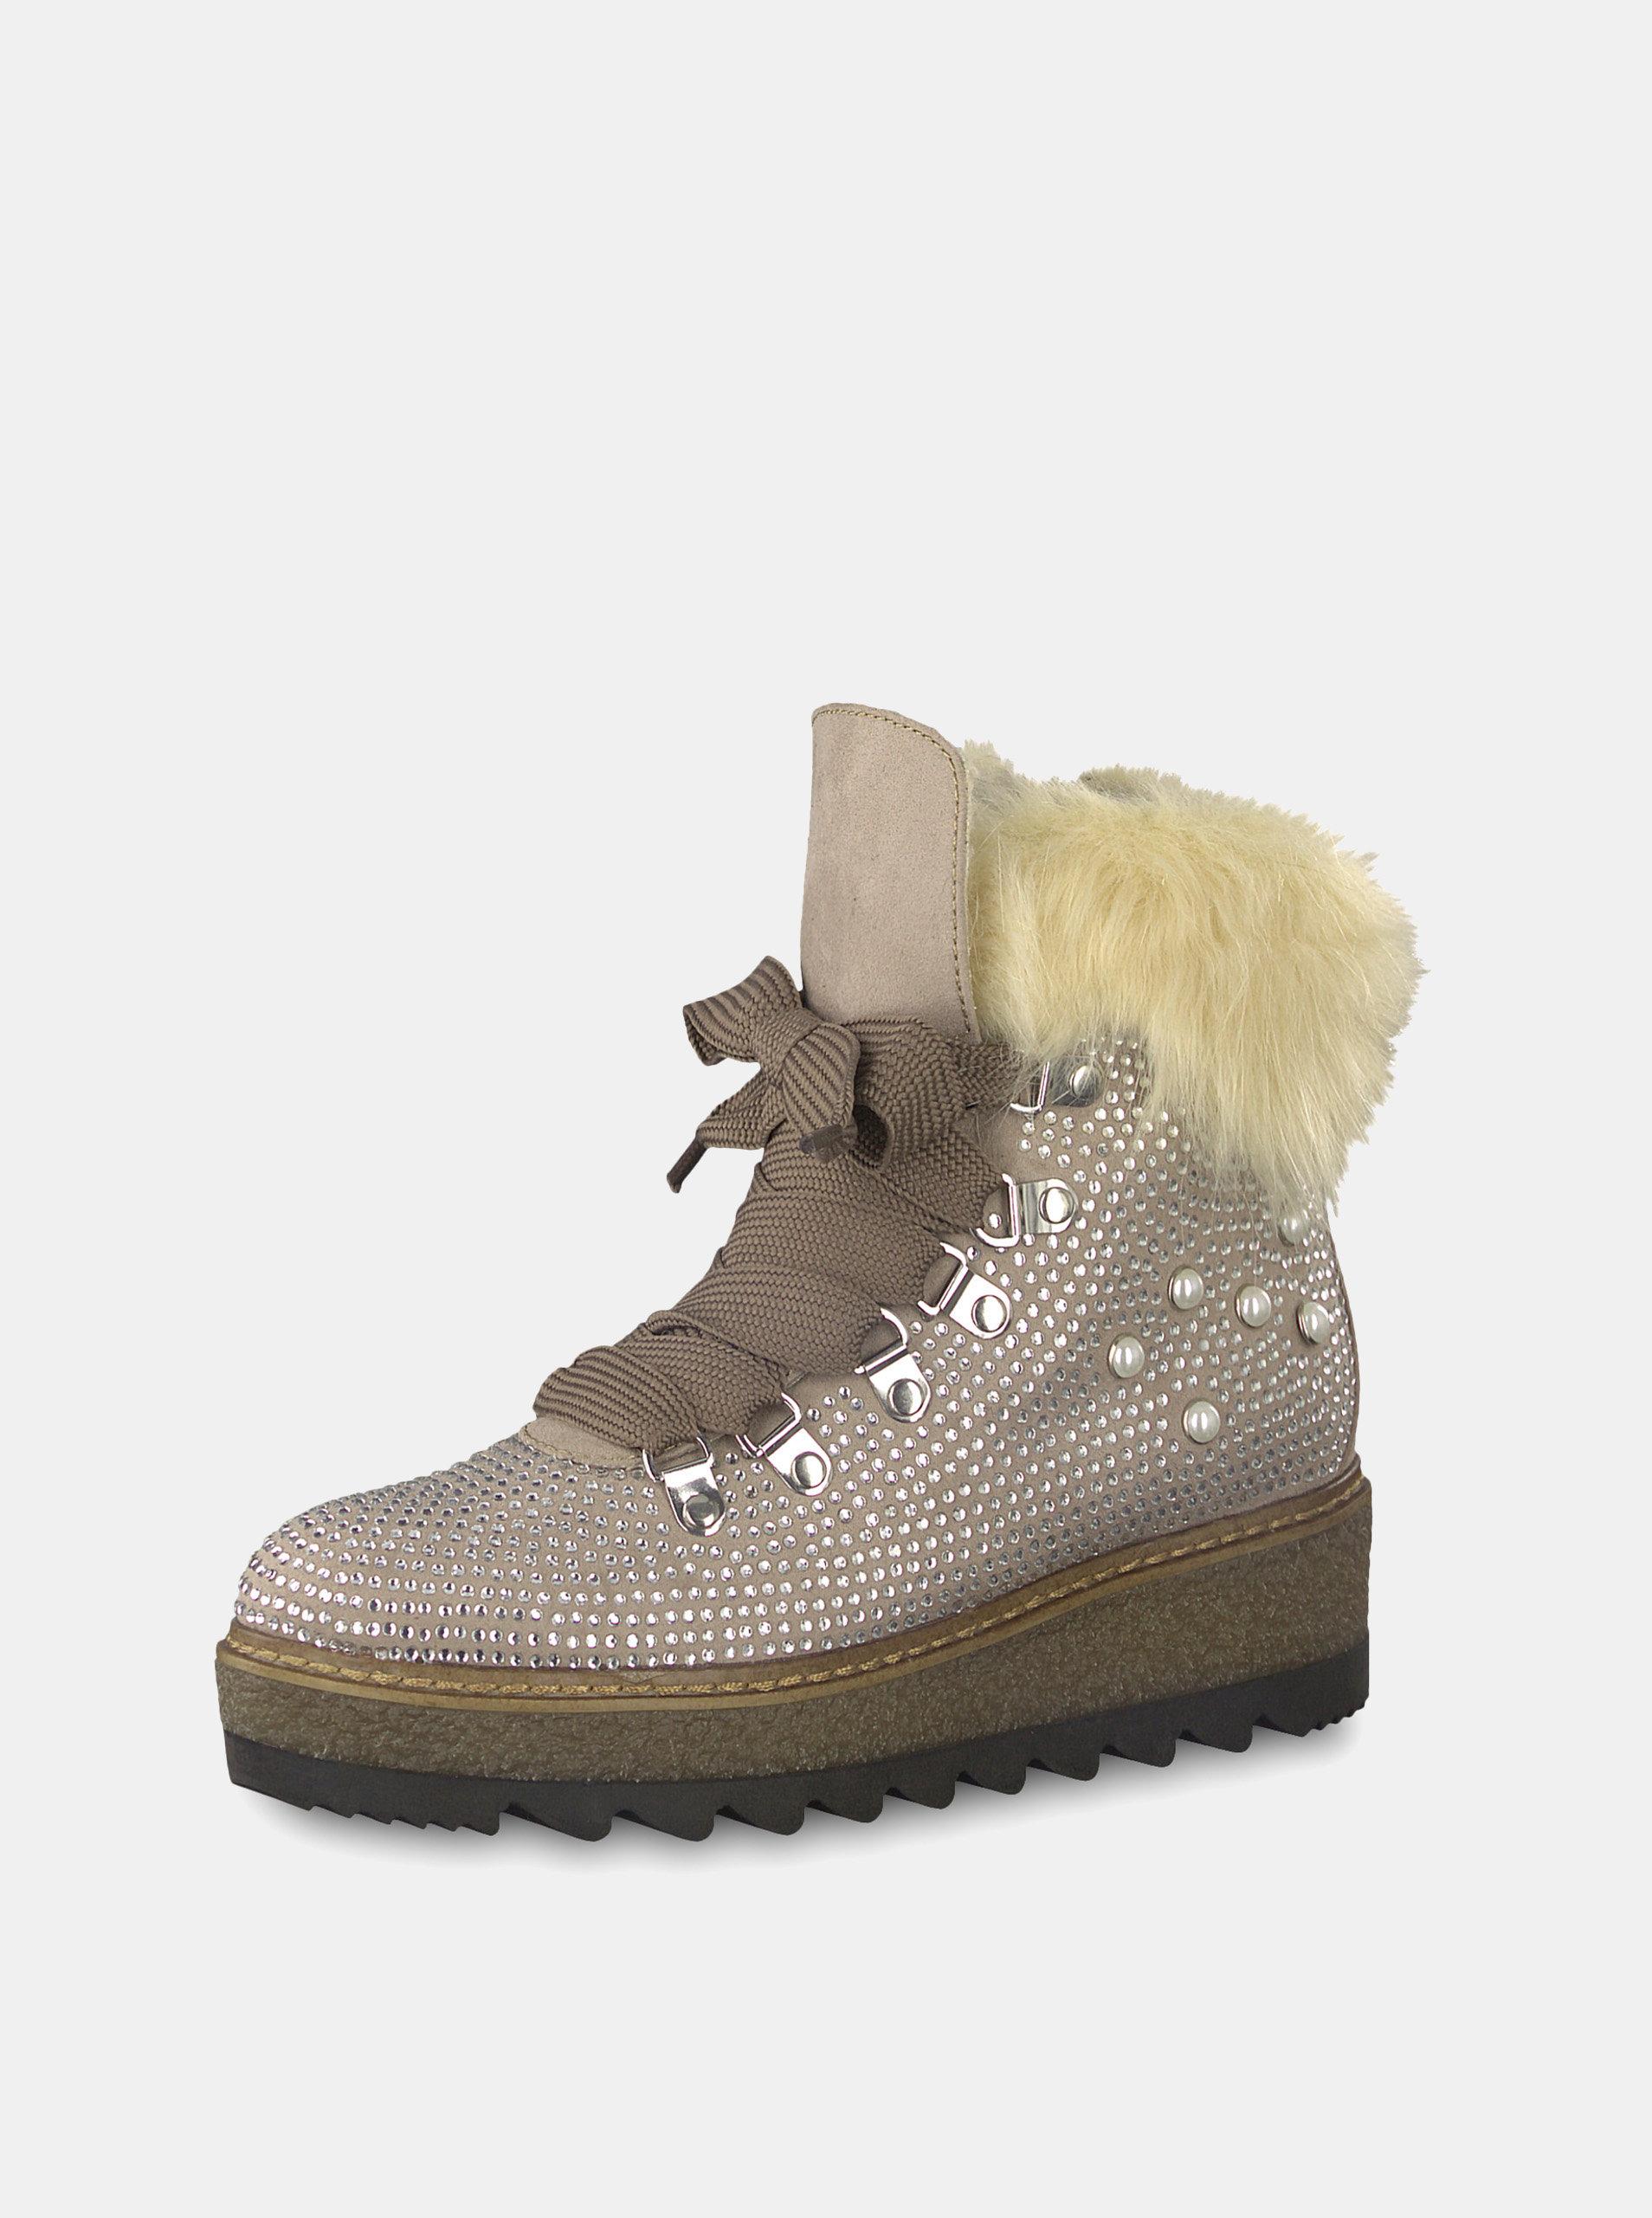 78330e44f064 Béžové zimné topánky v semišovej úprave na platforme s ozdobnými kamienkami  Tamaris ...